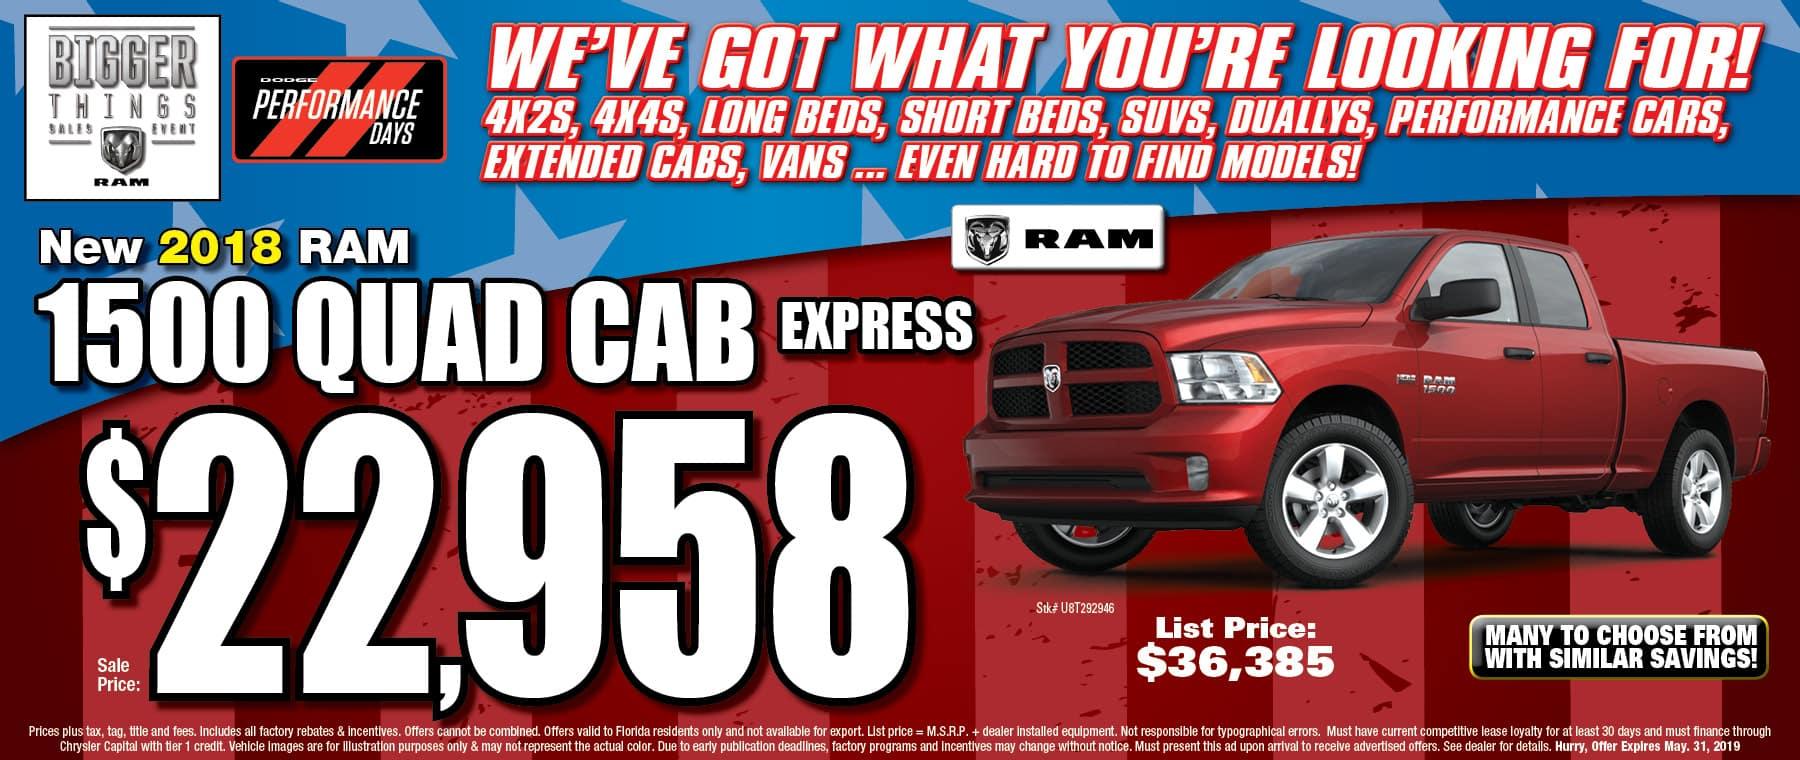 Ram Quad Cab Express!